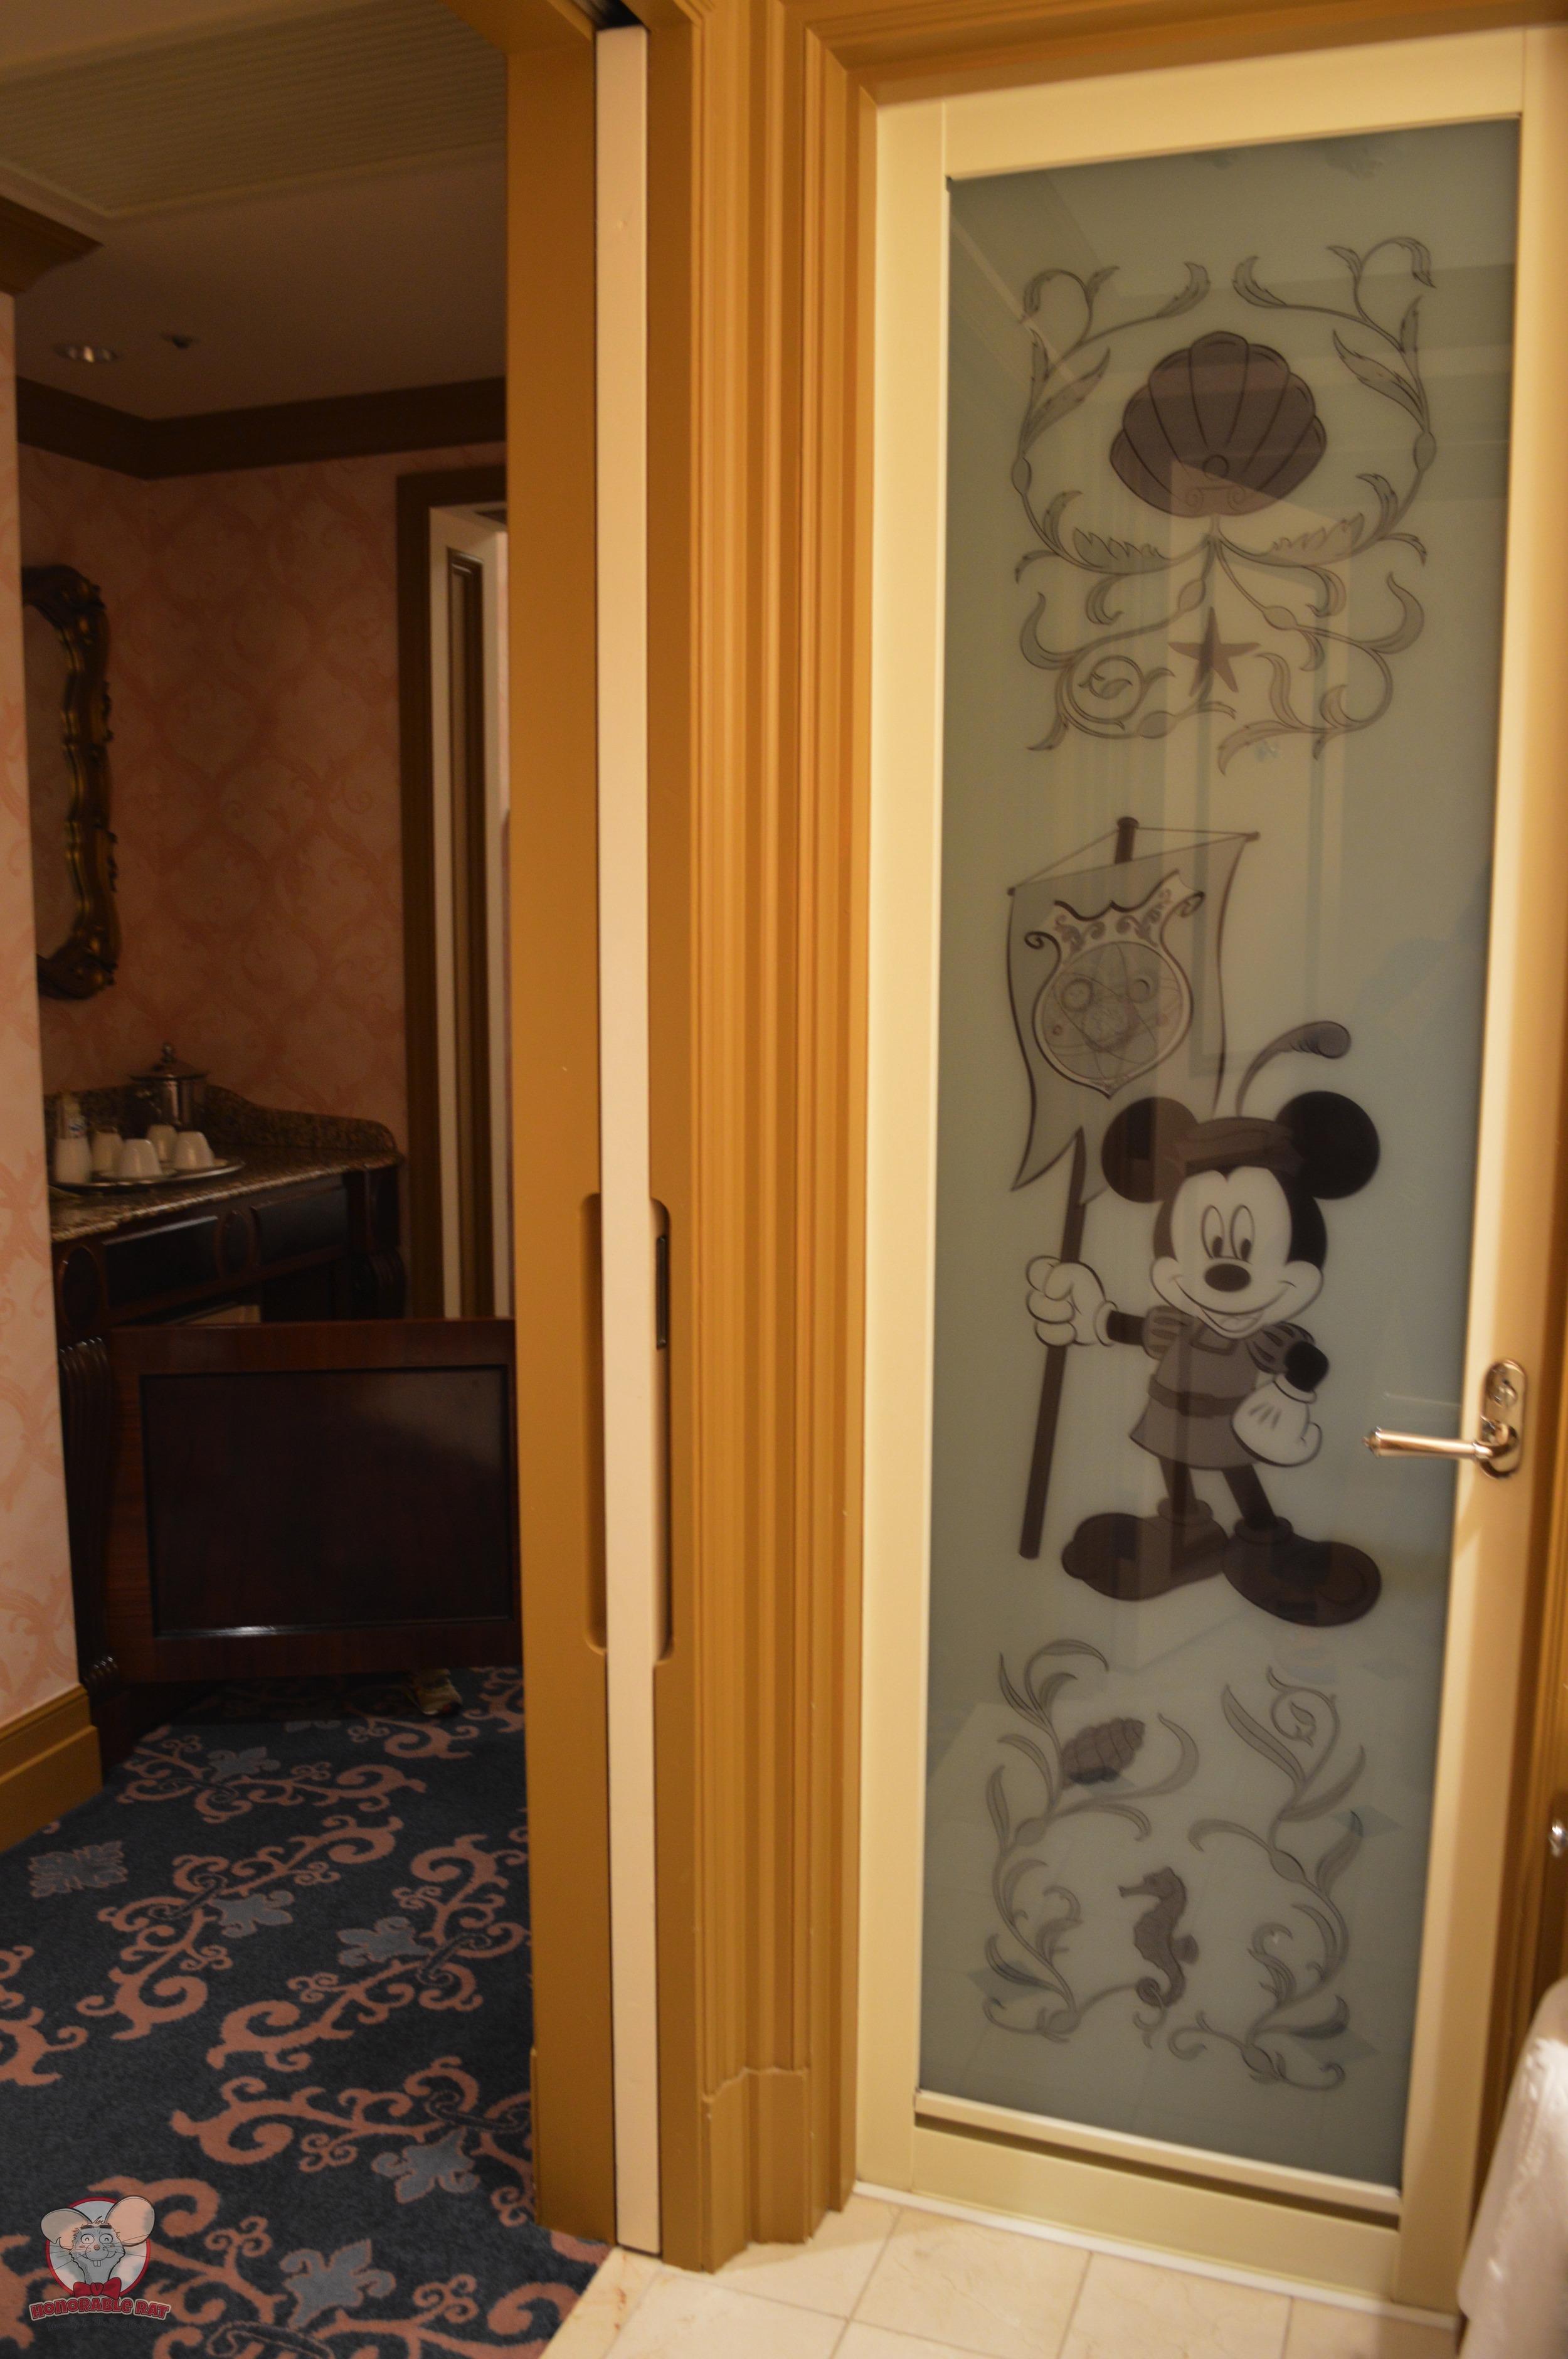 Mickey on the bathroom door